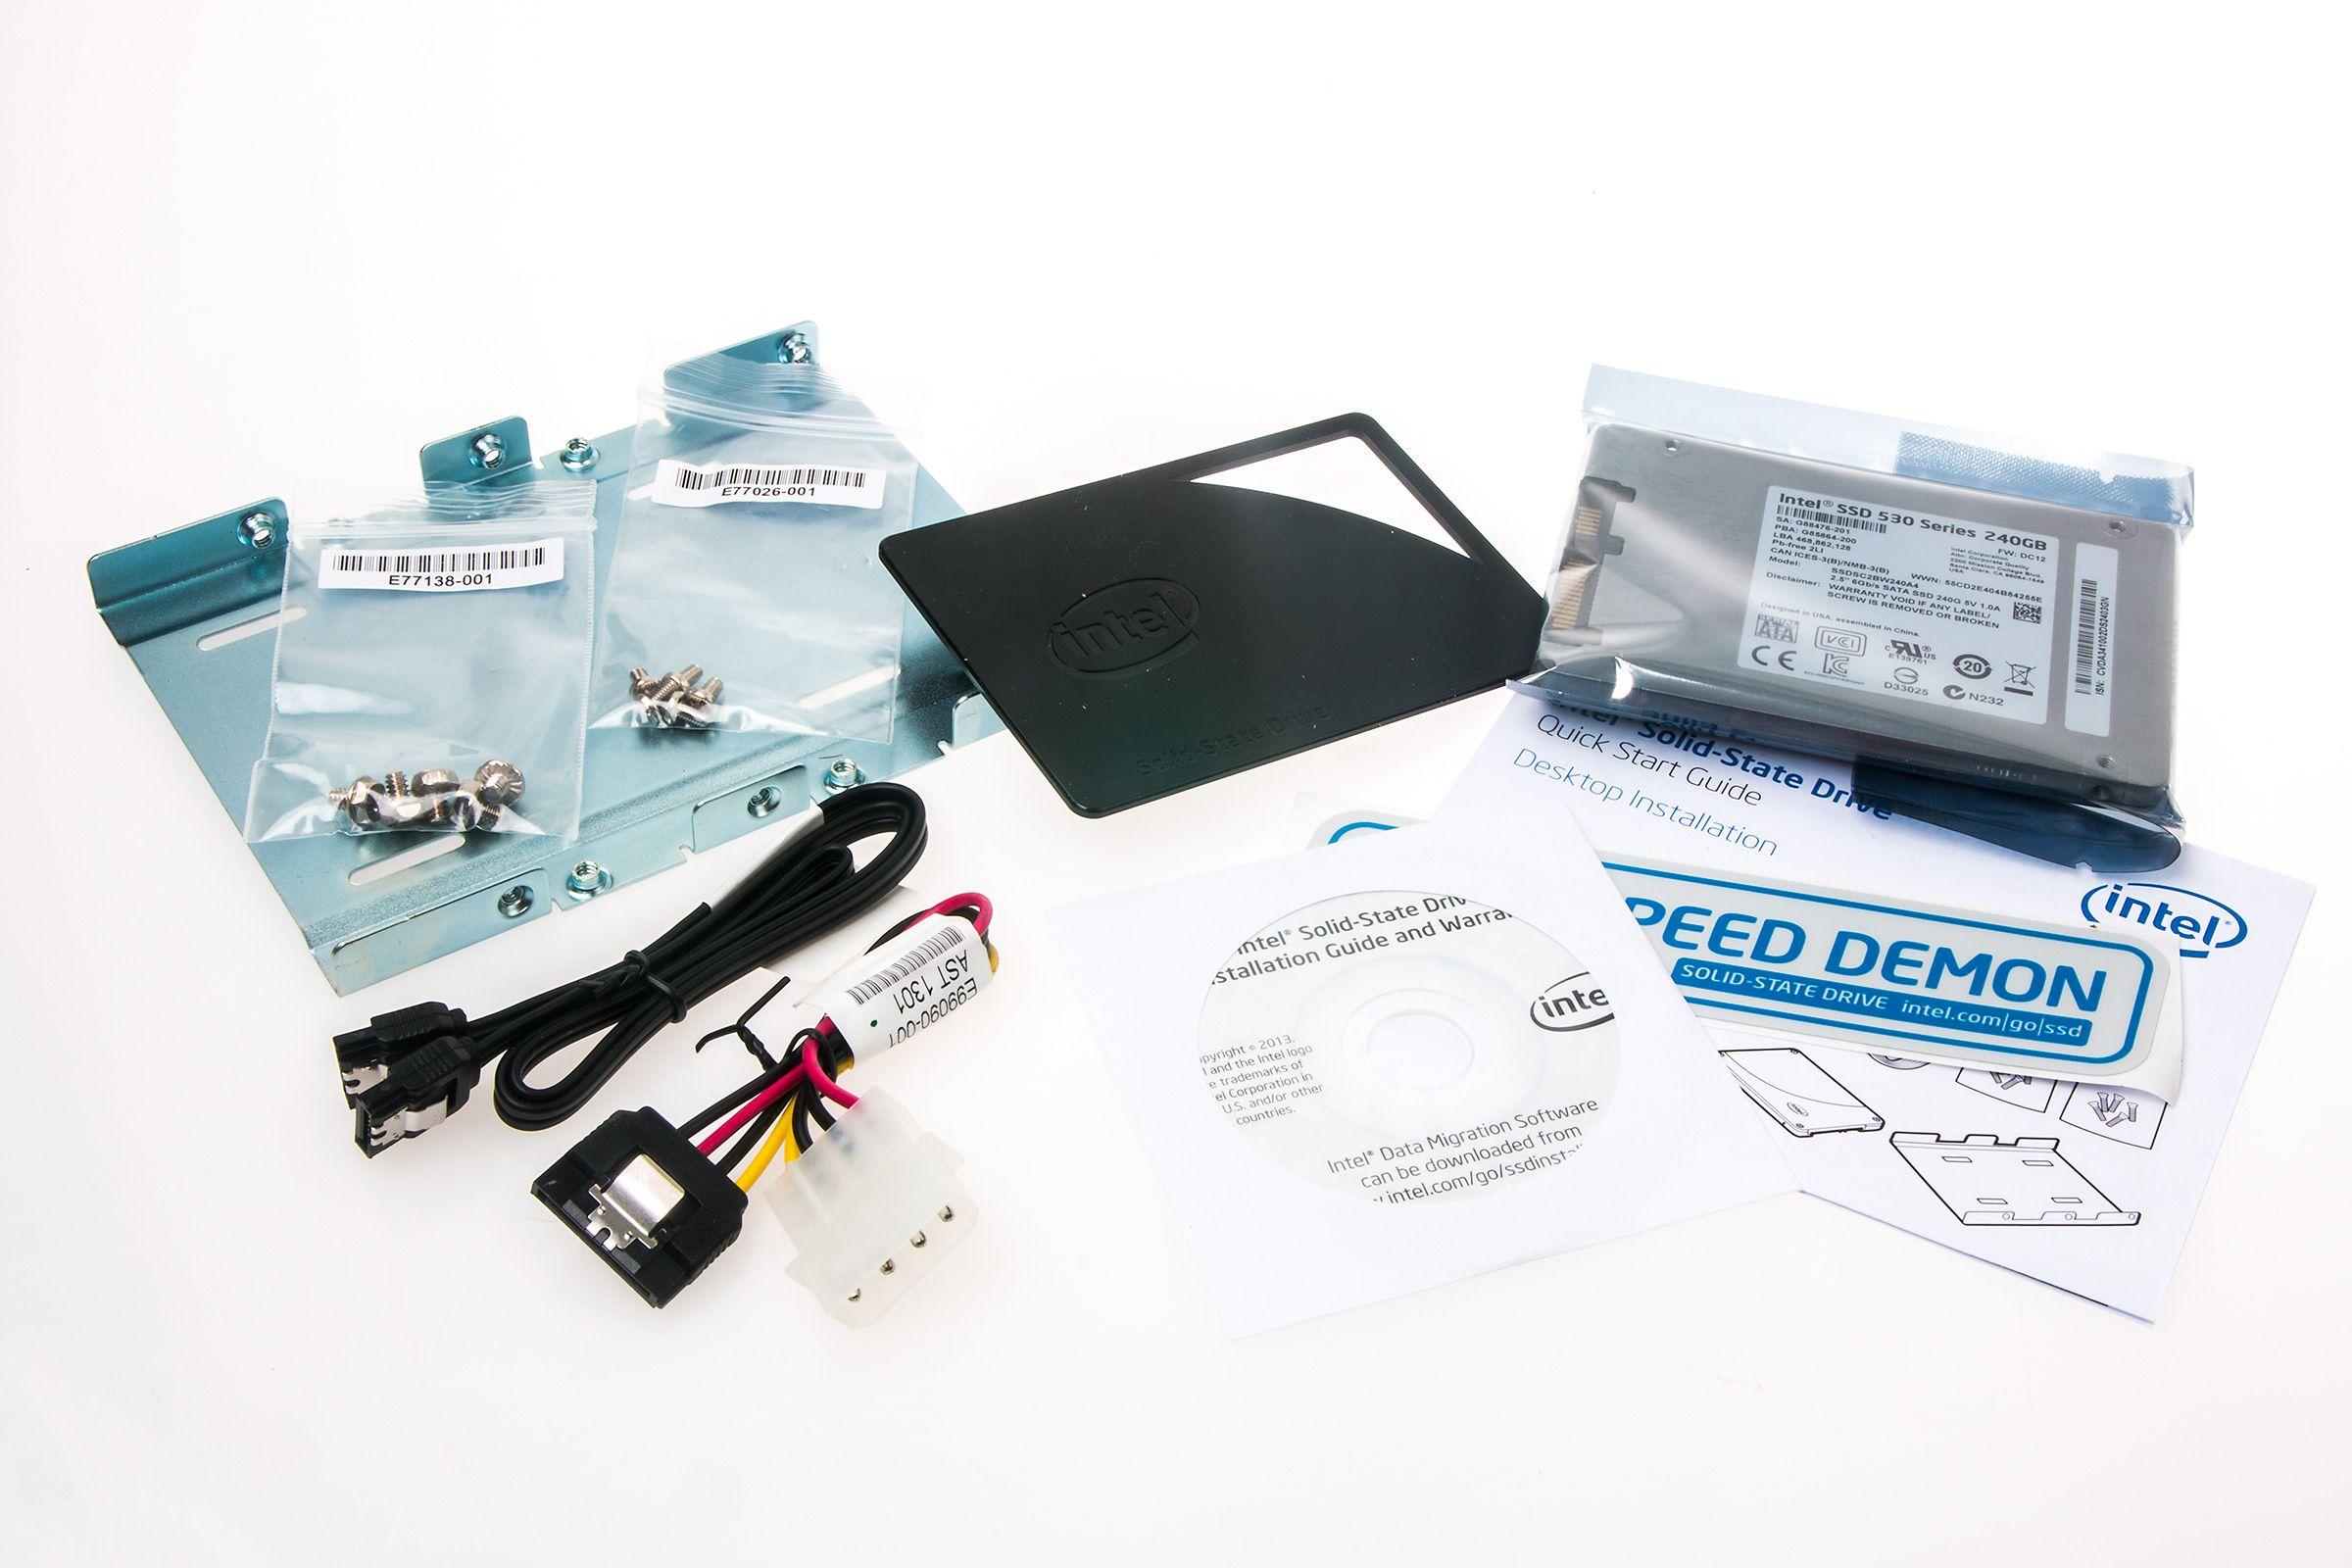 Nok av ekstrautstyr i pakken til Intel 530 Series.Foto: Varg Aamo, Hardware.no